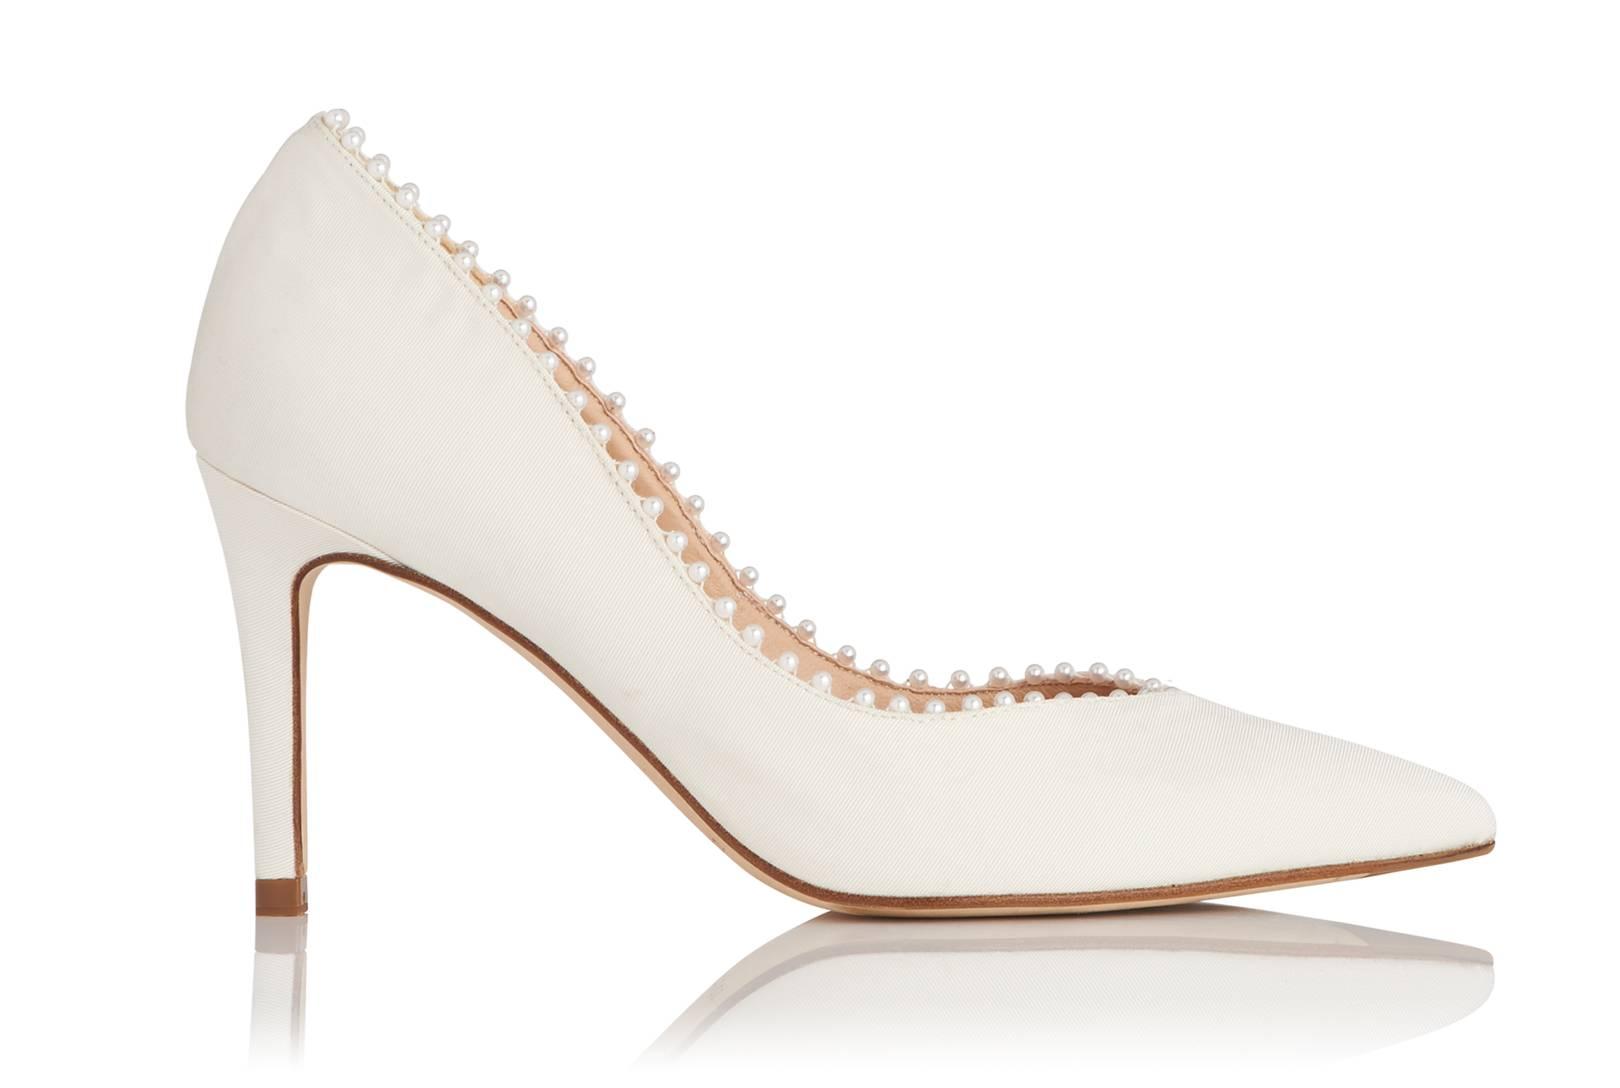 92bdc5d1fcb4 Best Bridal Shoes To Shop Now